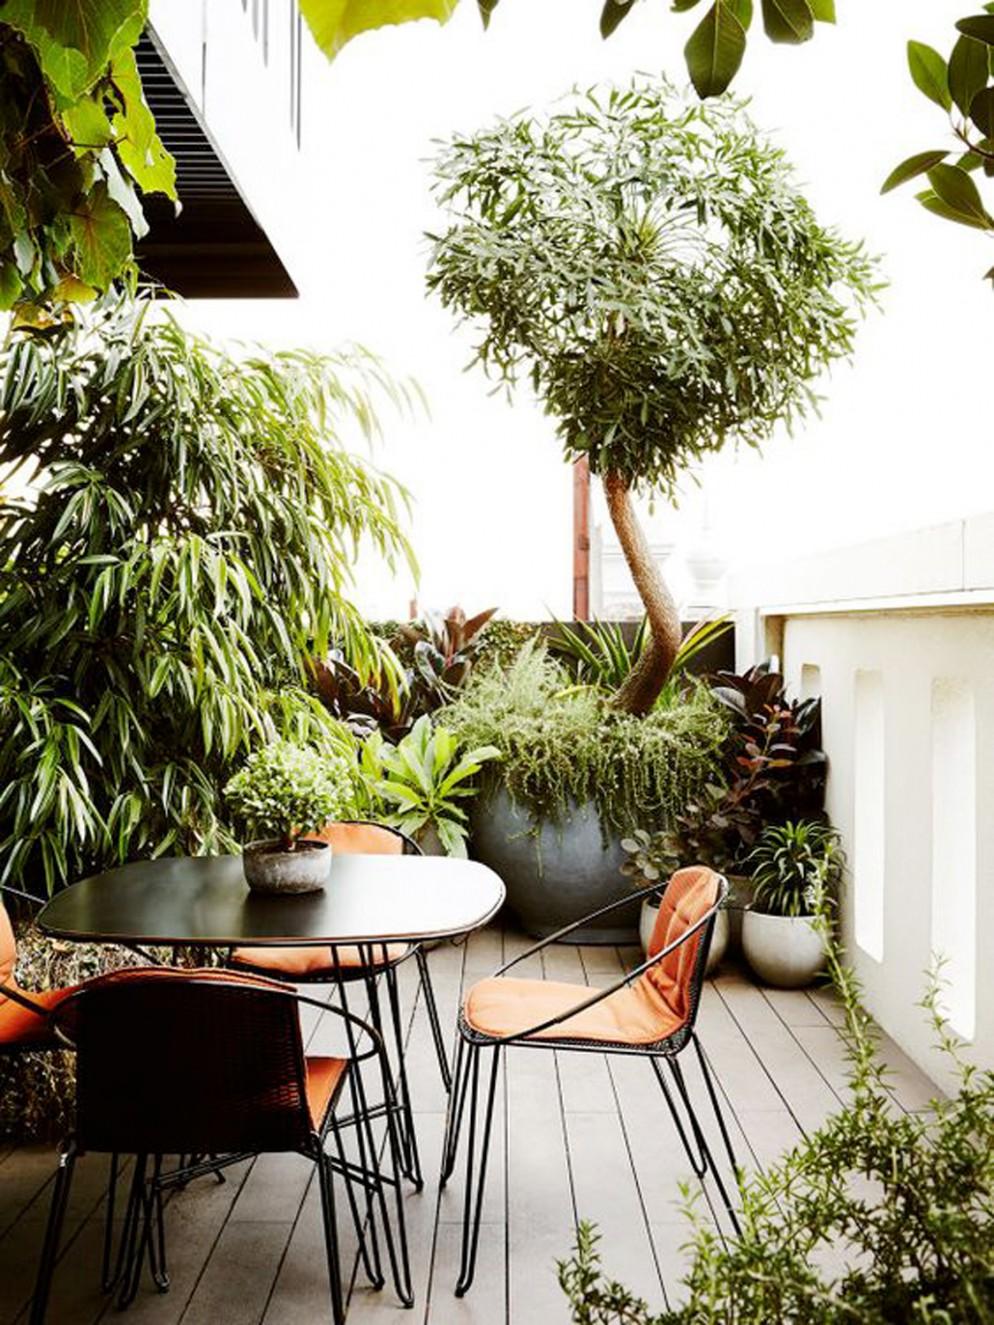 piante-da-balcone-resistenti-11. thedesignfiles.net-livingcorriere